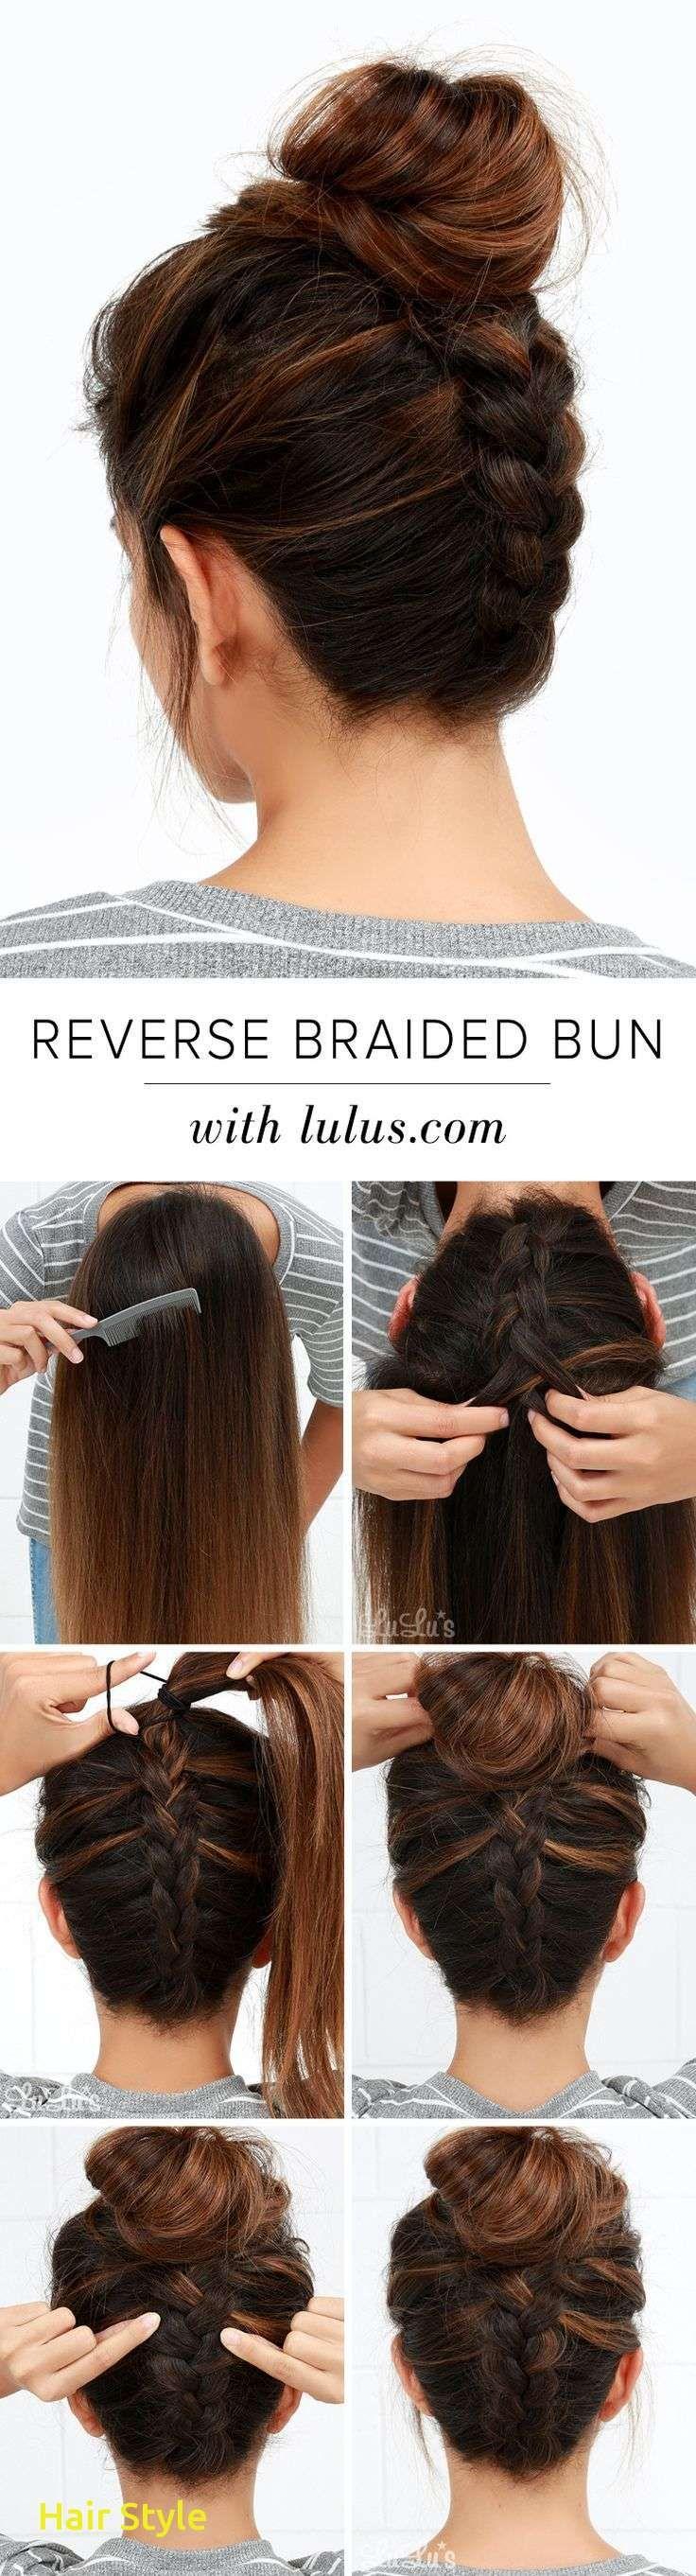 Fantastische Frisuren und Frisuren für langes dünnes Haar beleben Ihre Haarsträhnen   – Neu Frisuren stile 2019